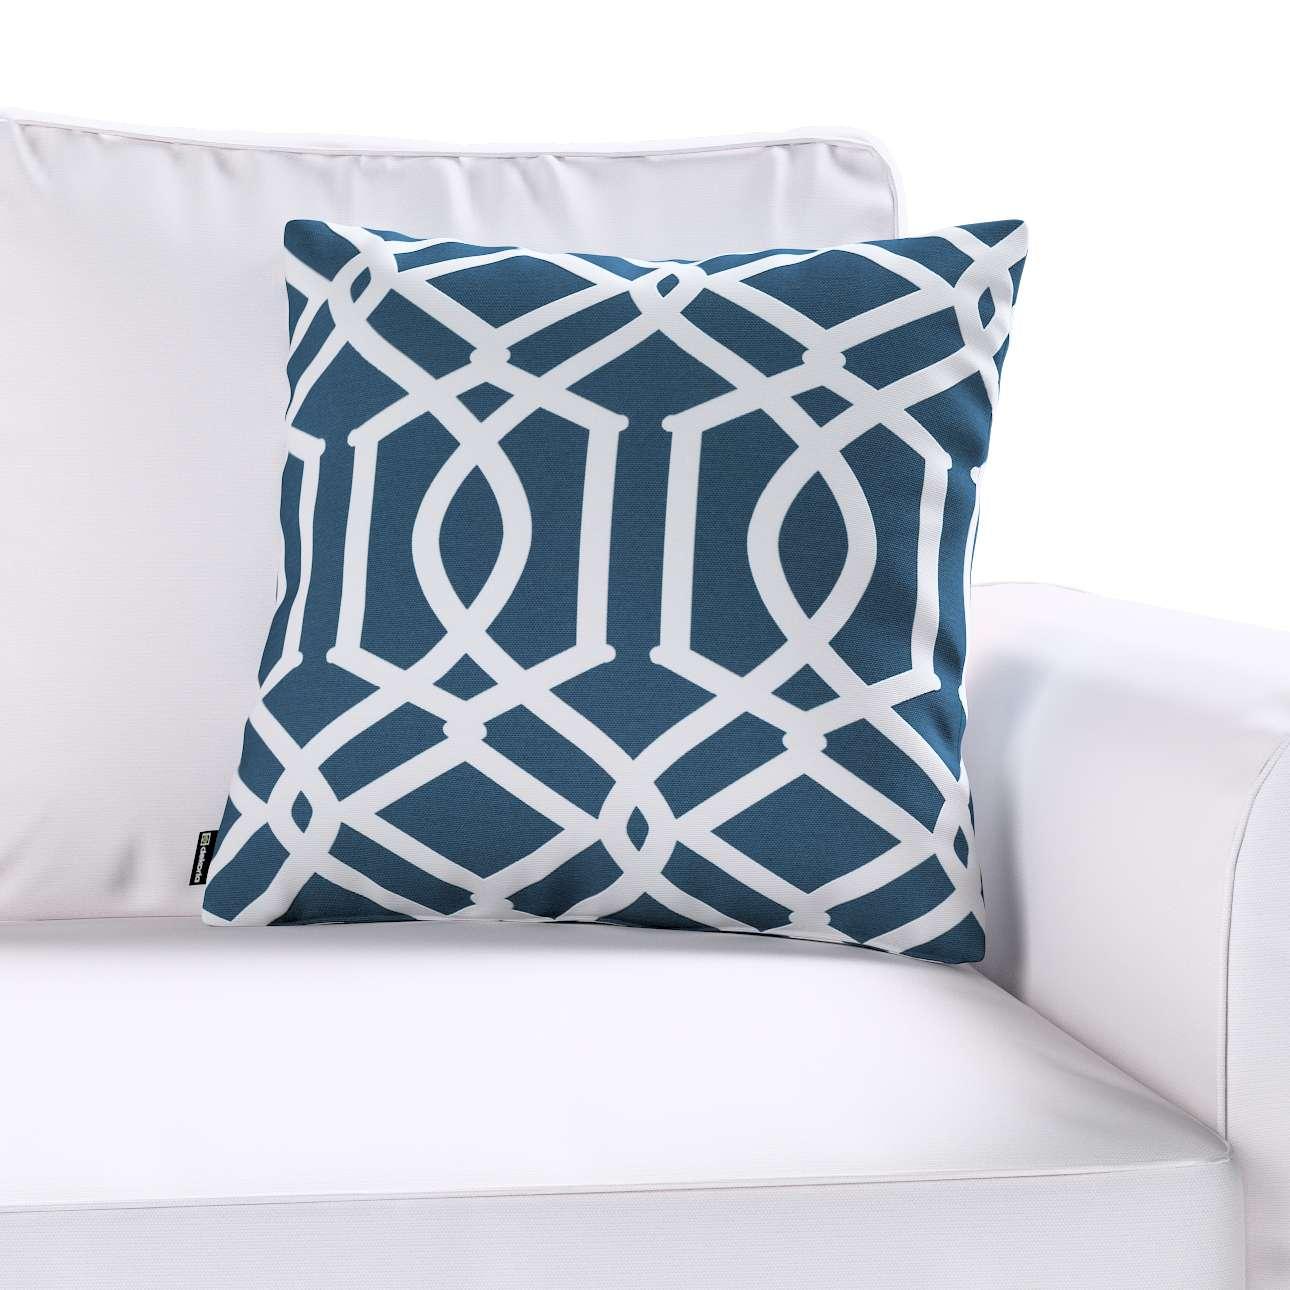 Kinga dekoratyvinės pagalvėlės užvalkalas 43 × 43 cm kolekcijoje Comics Prints, audinys: 135-10